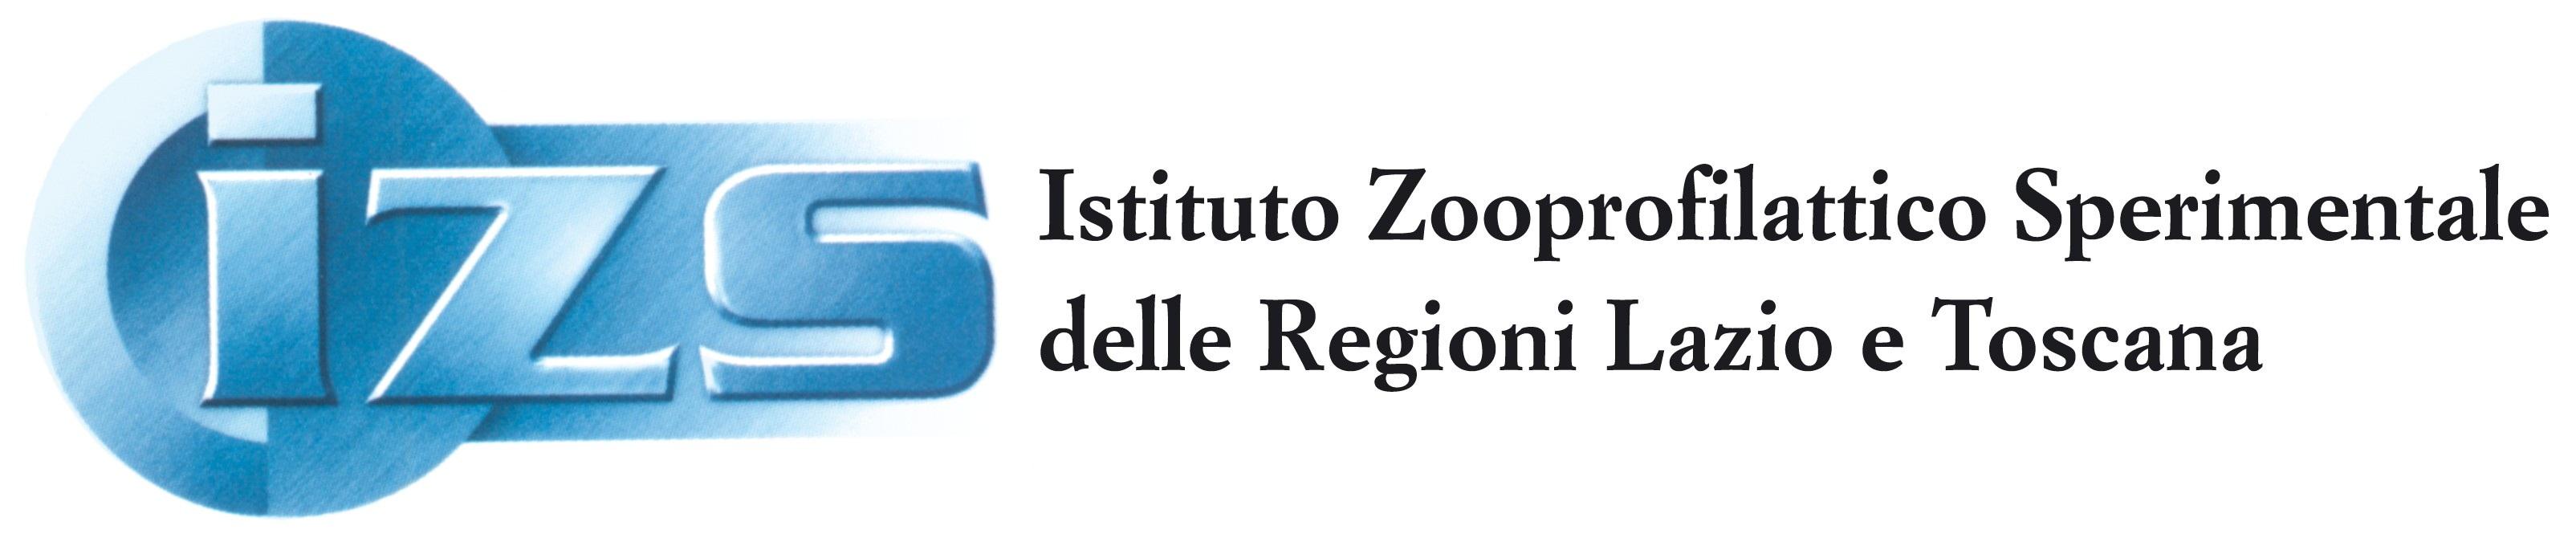 Incontri Unità Operativa di Apicoltura (IZS Lazio e Toscana) nelle  provincie della Regione Lazio – Apicoltura Ilari